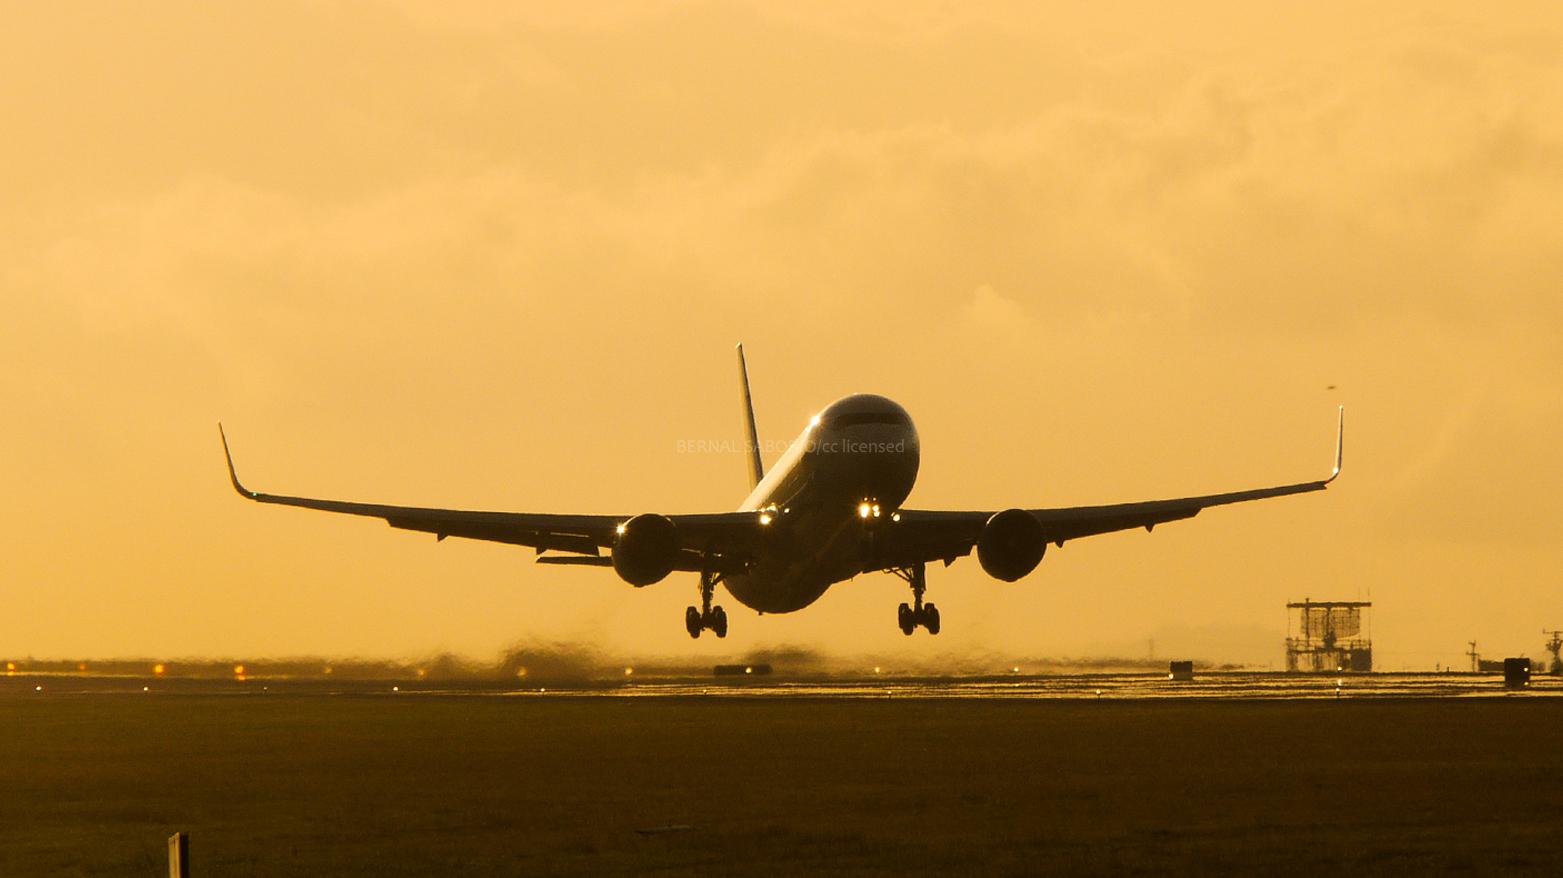 Самолет доставляет авиагруз